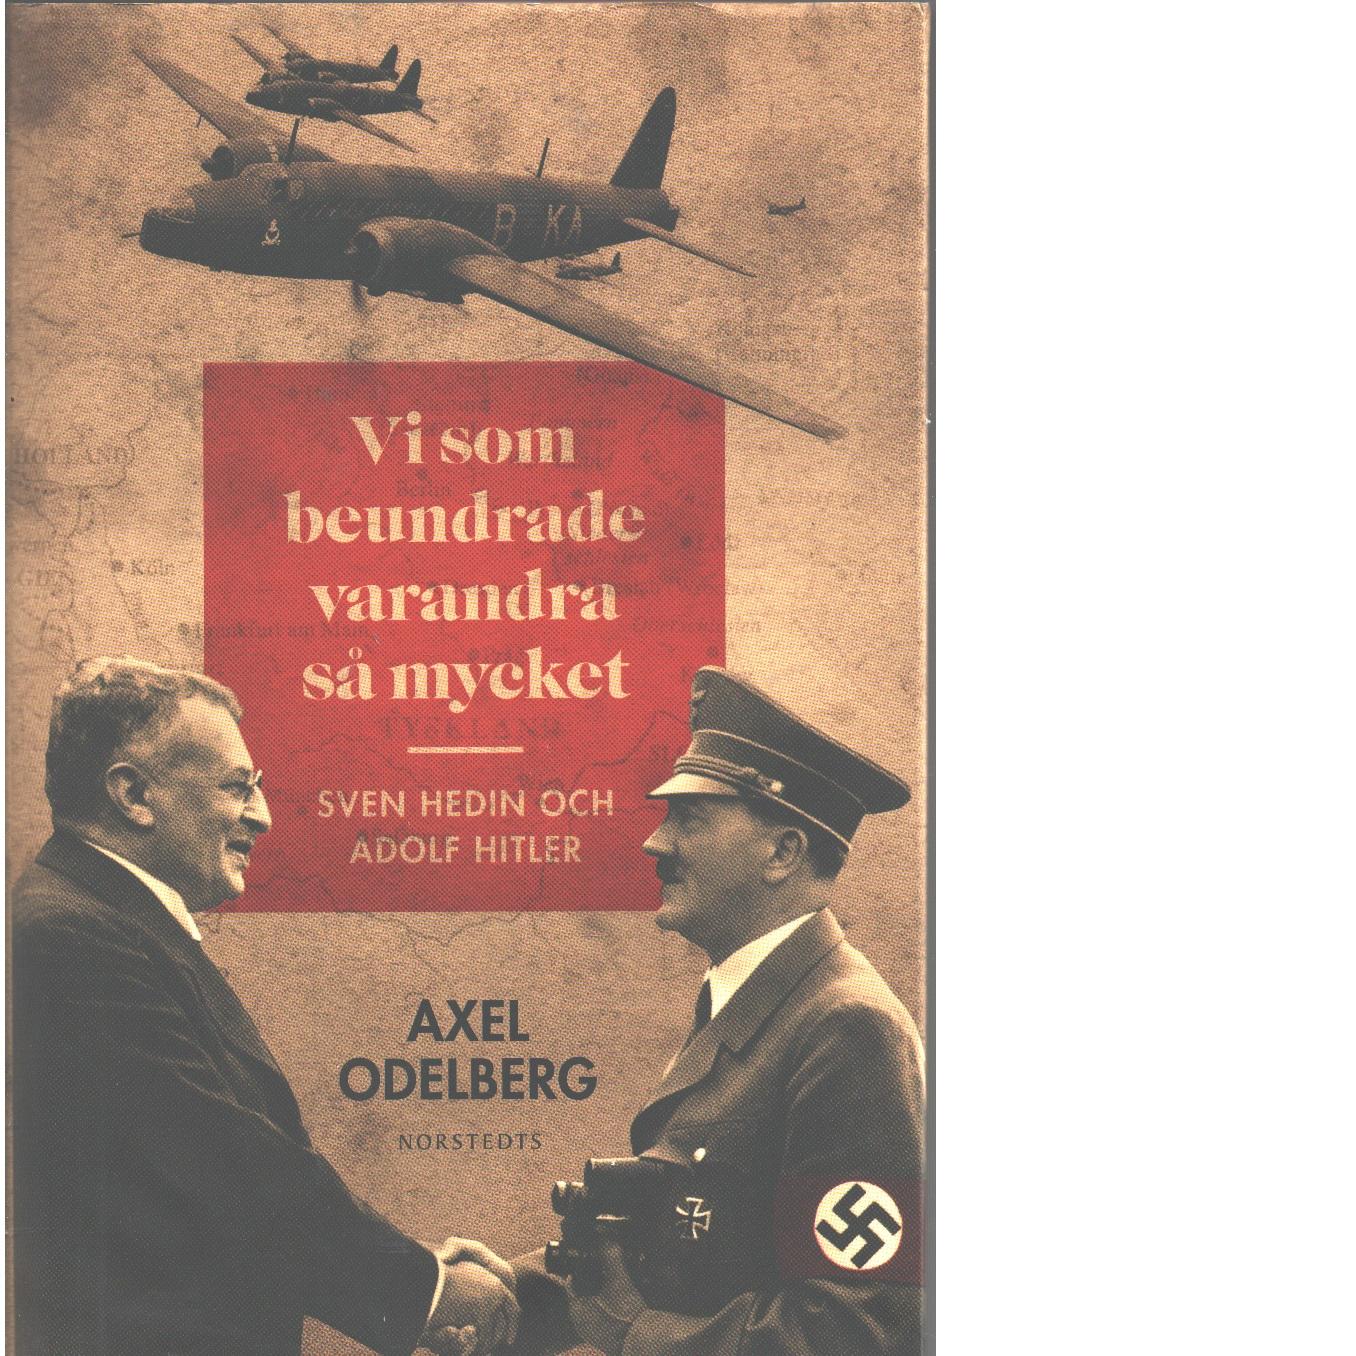 Vi som beundrade varandra så mycket : Sven Hedin och Adolf Hitler  - Odelberg, Axel